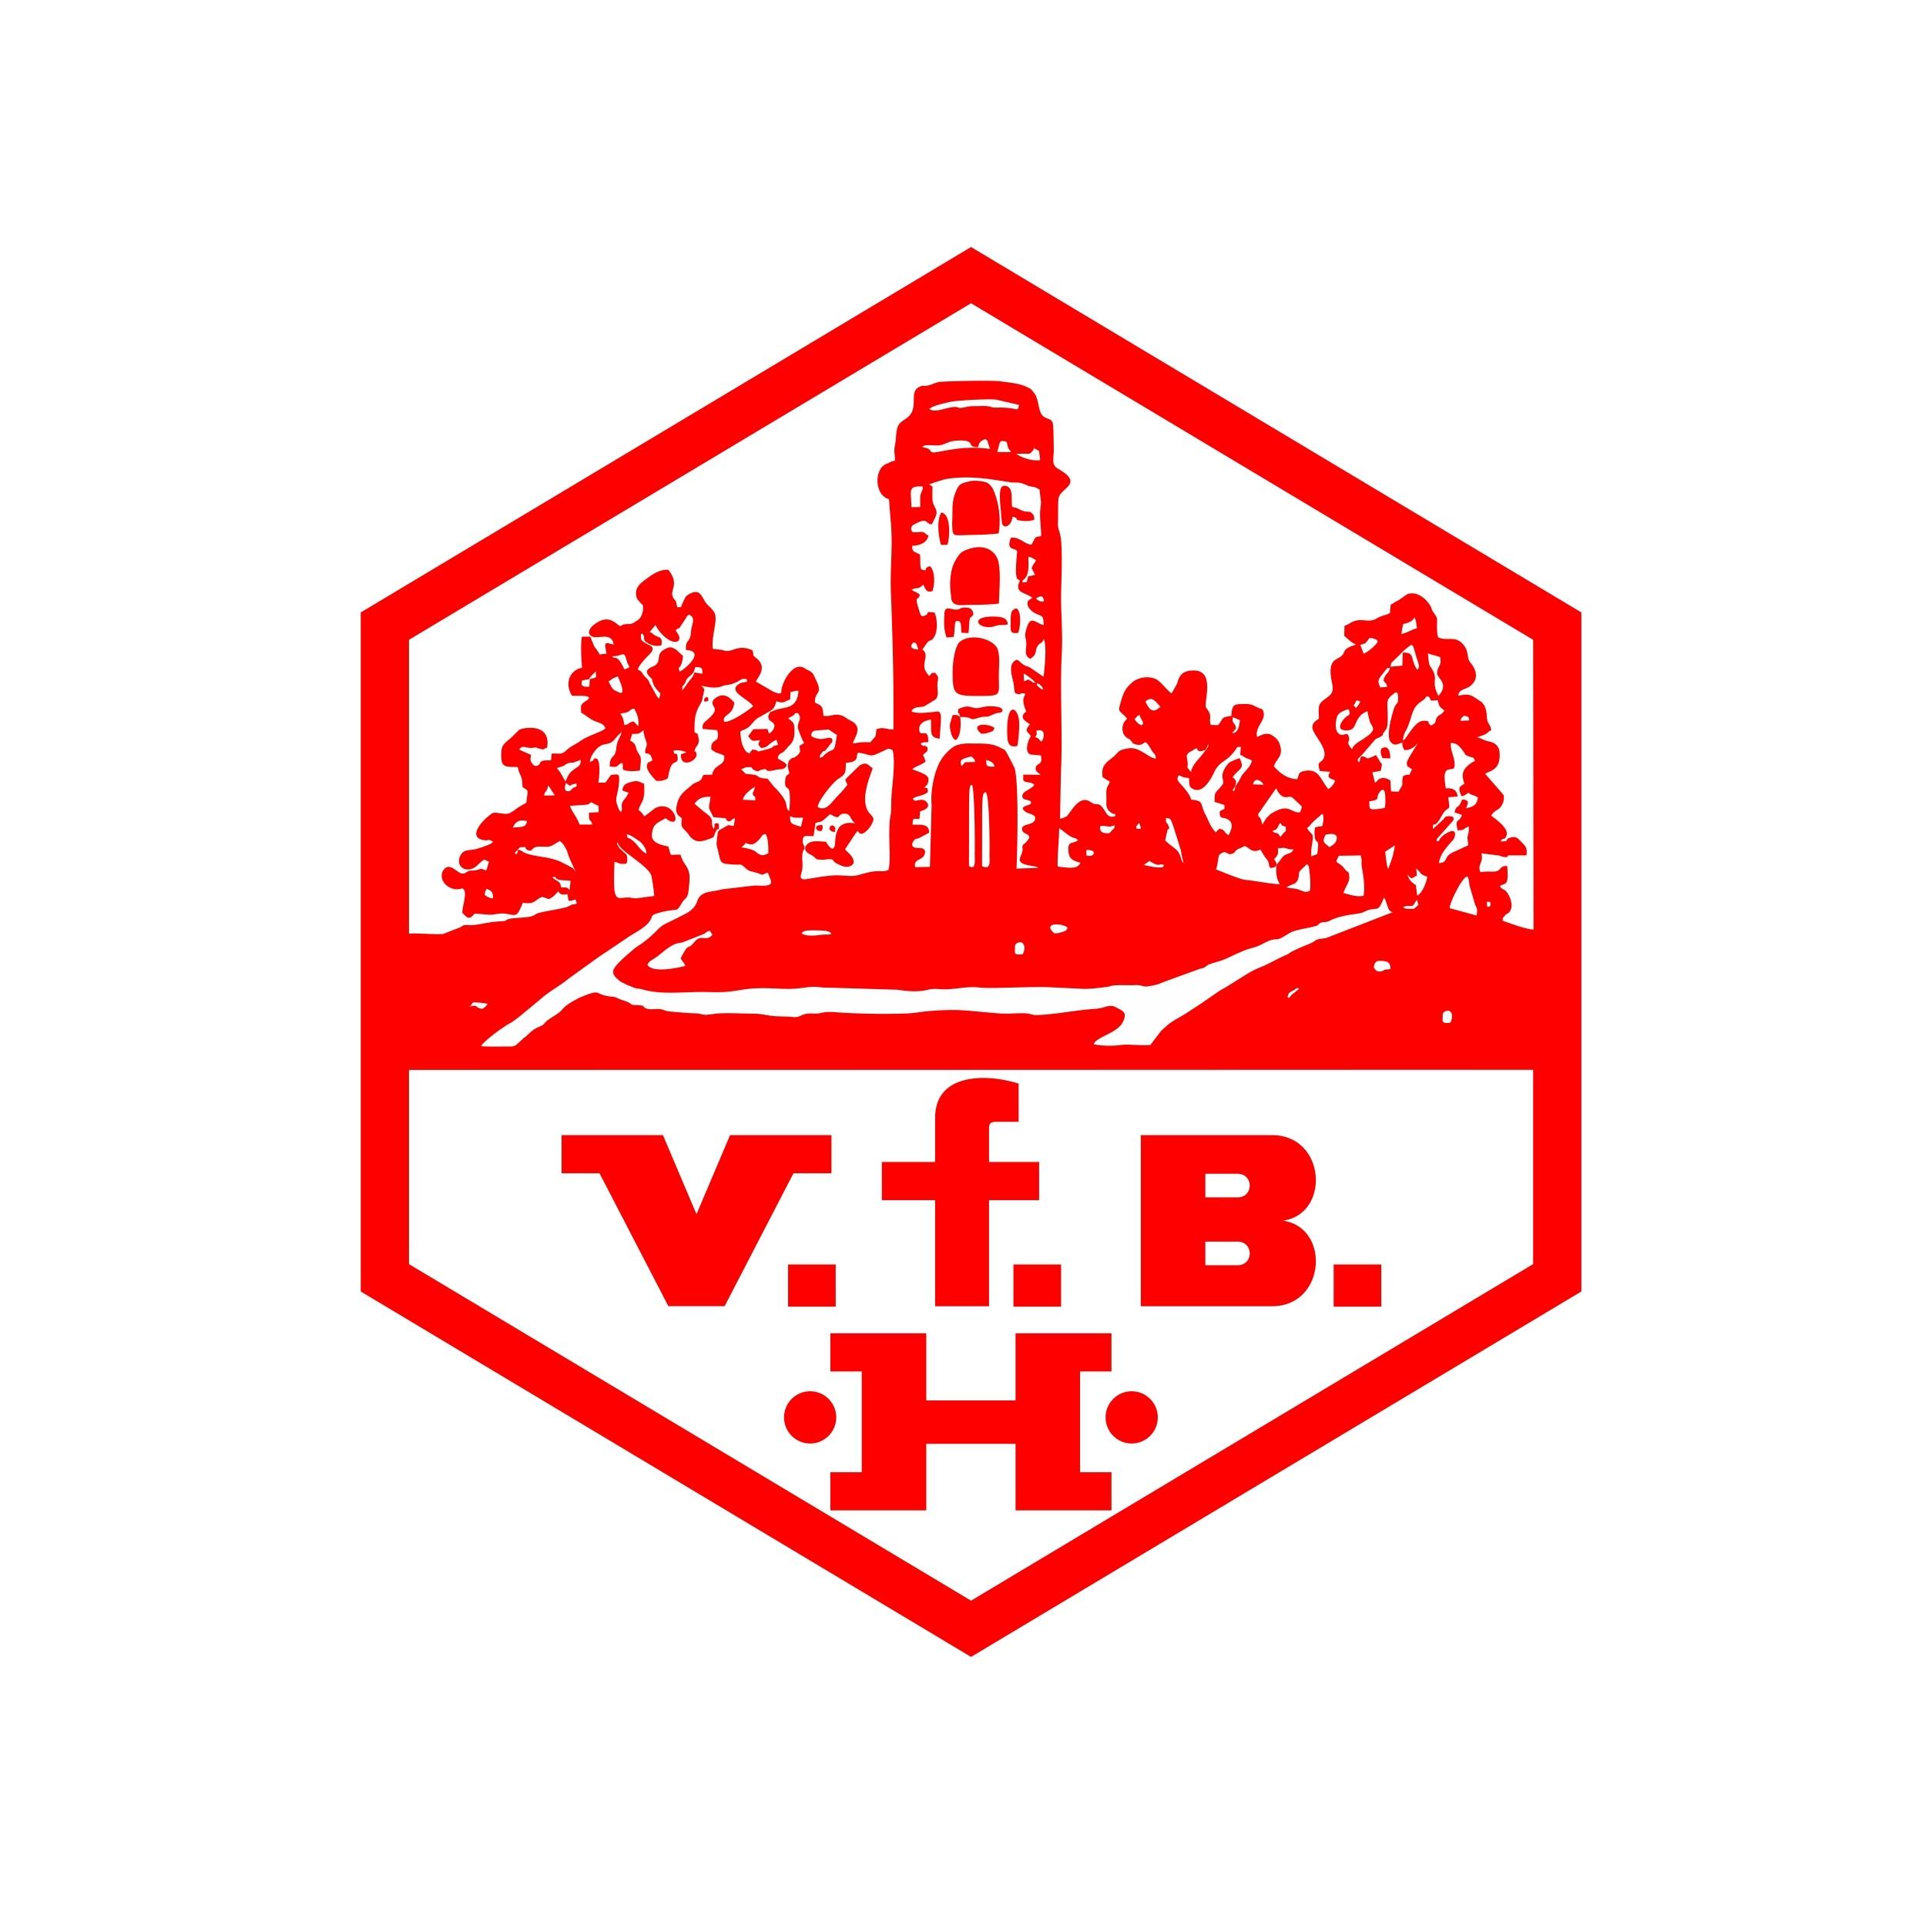 Der VfB feiert 100jähriges Jubiläum!